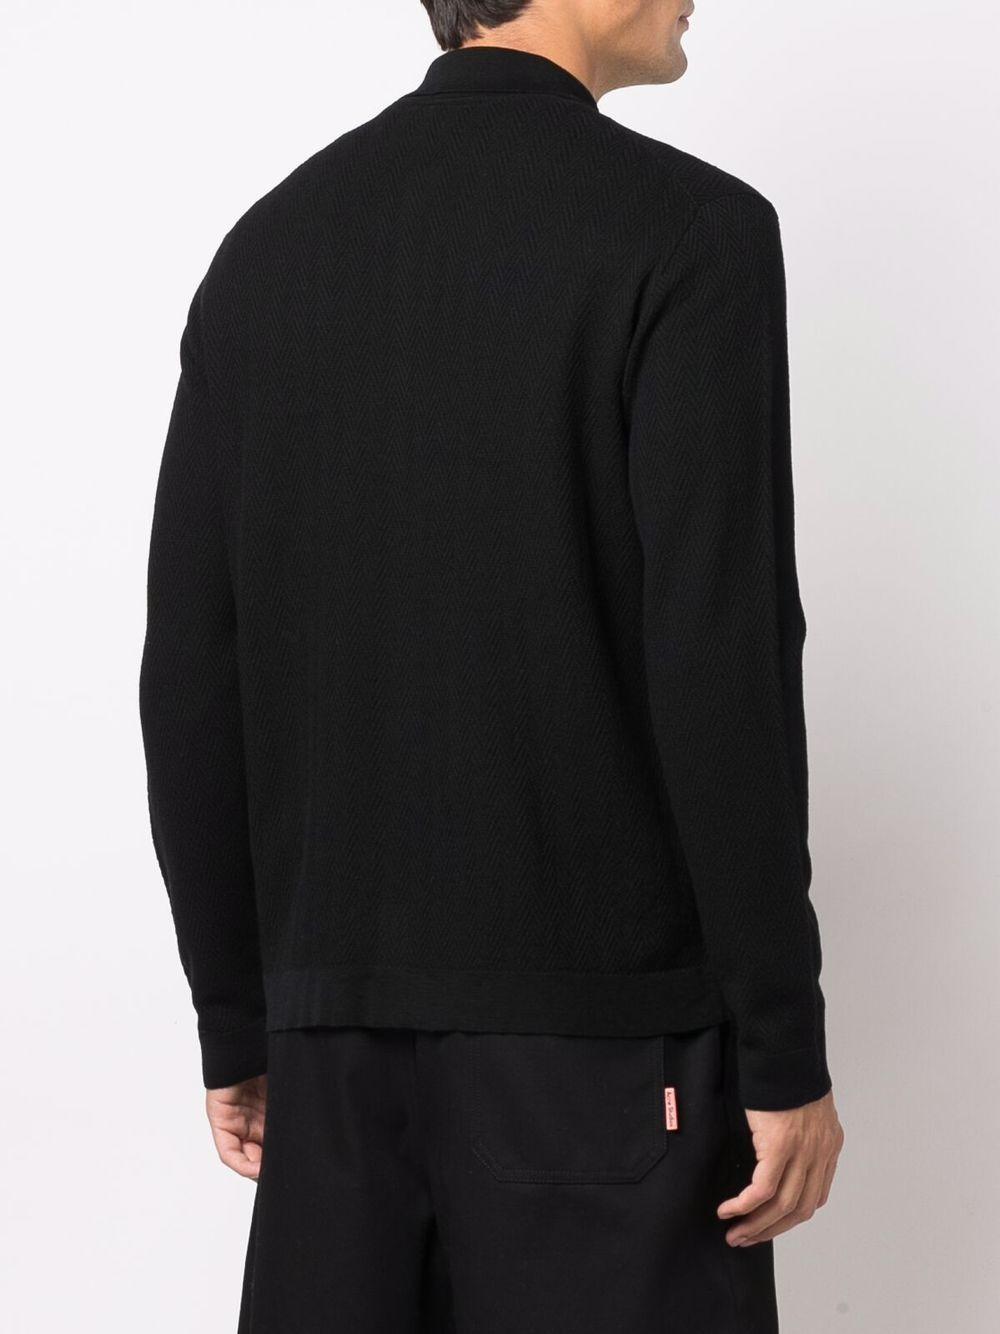 Cardigan nero in lana vergine con lavorazione a spina di pesce ALTEA   Cardigan   216111790